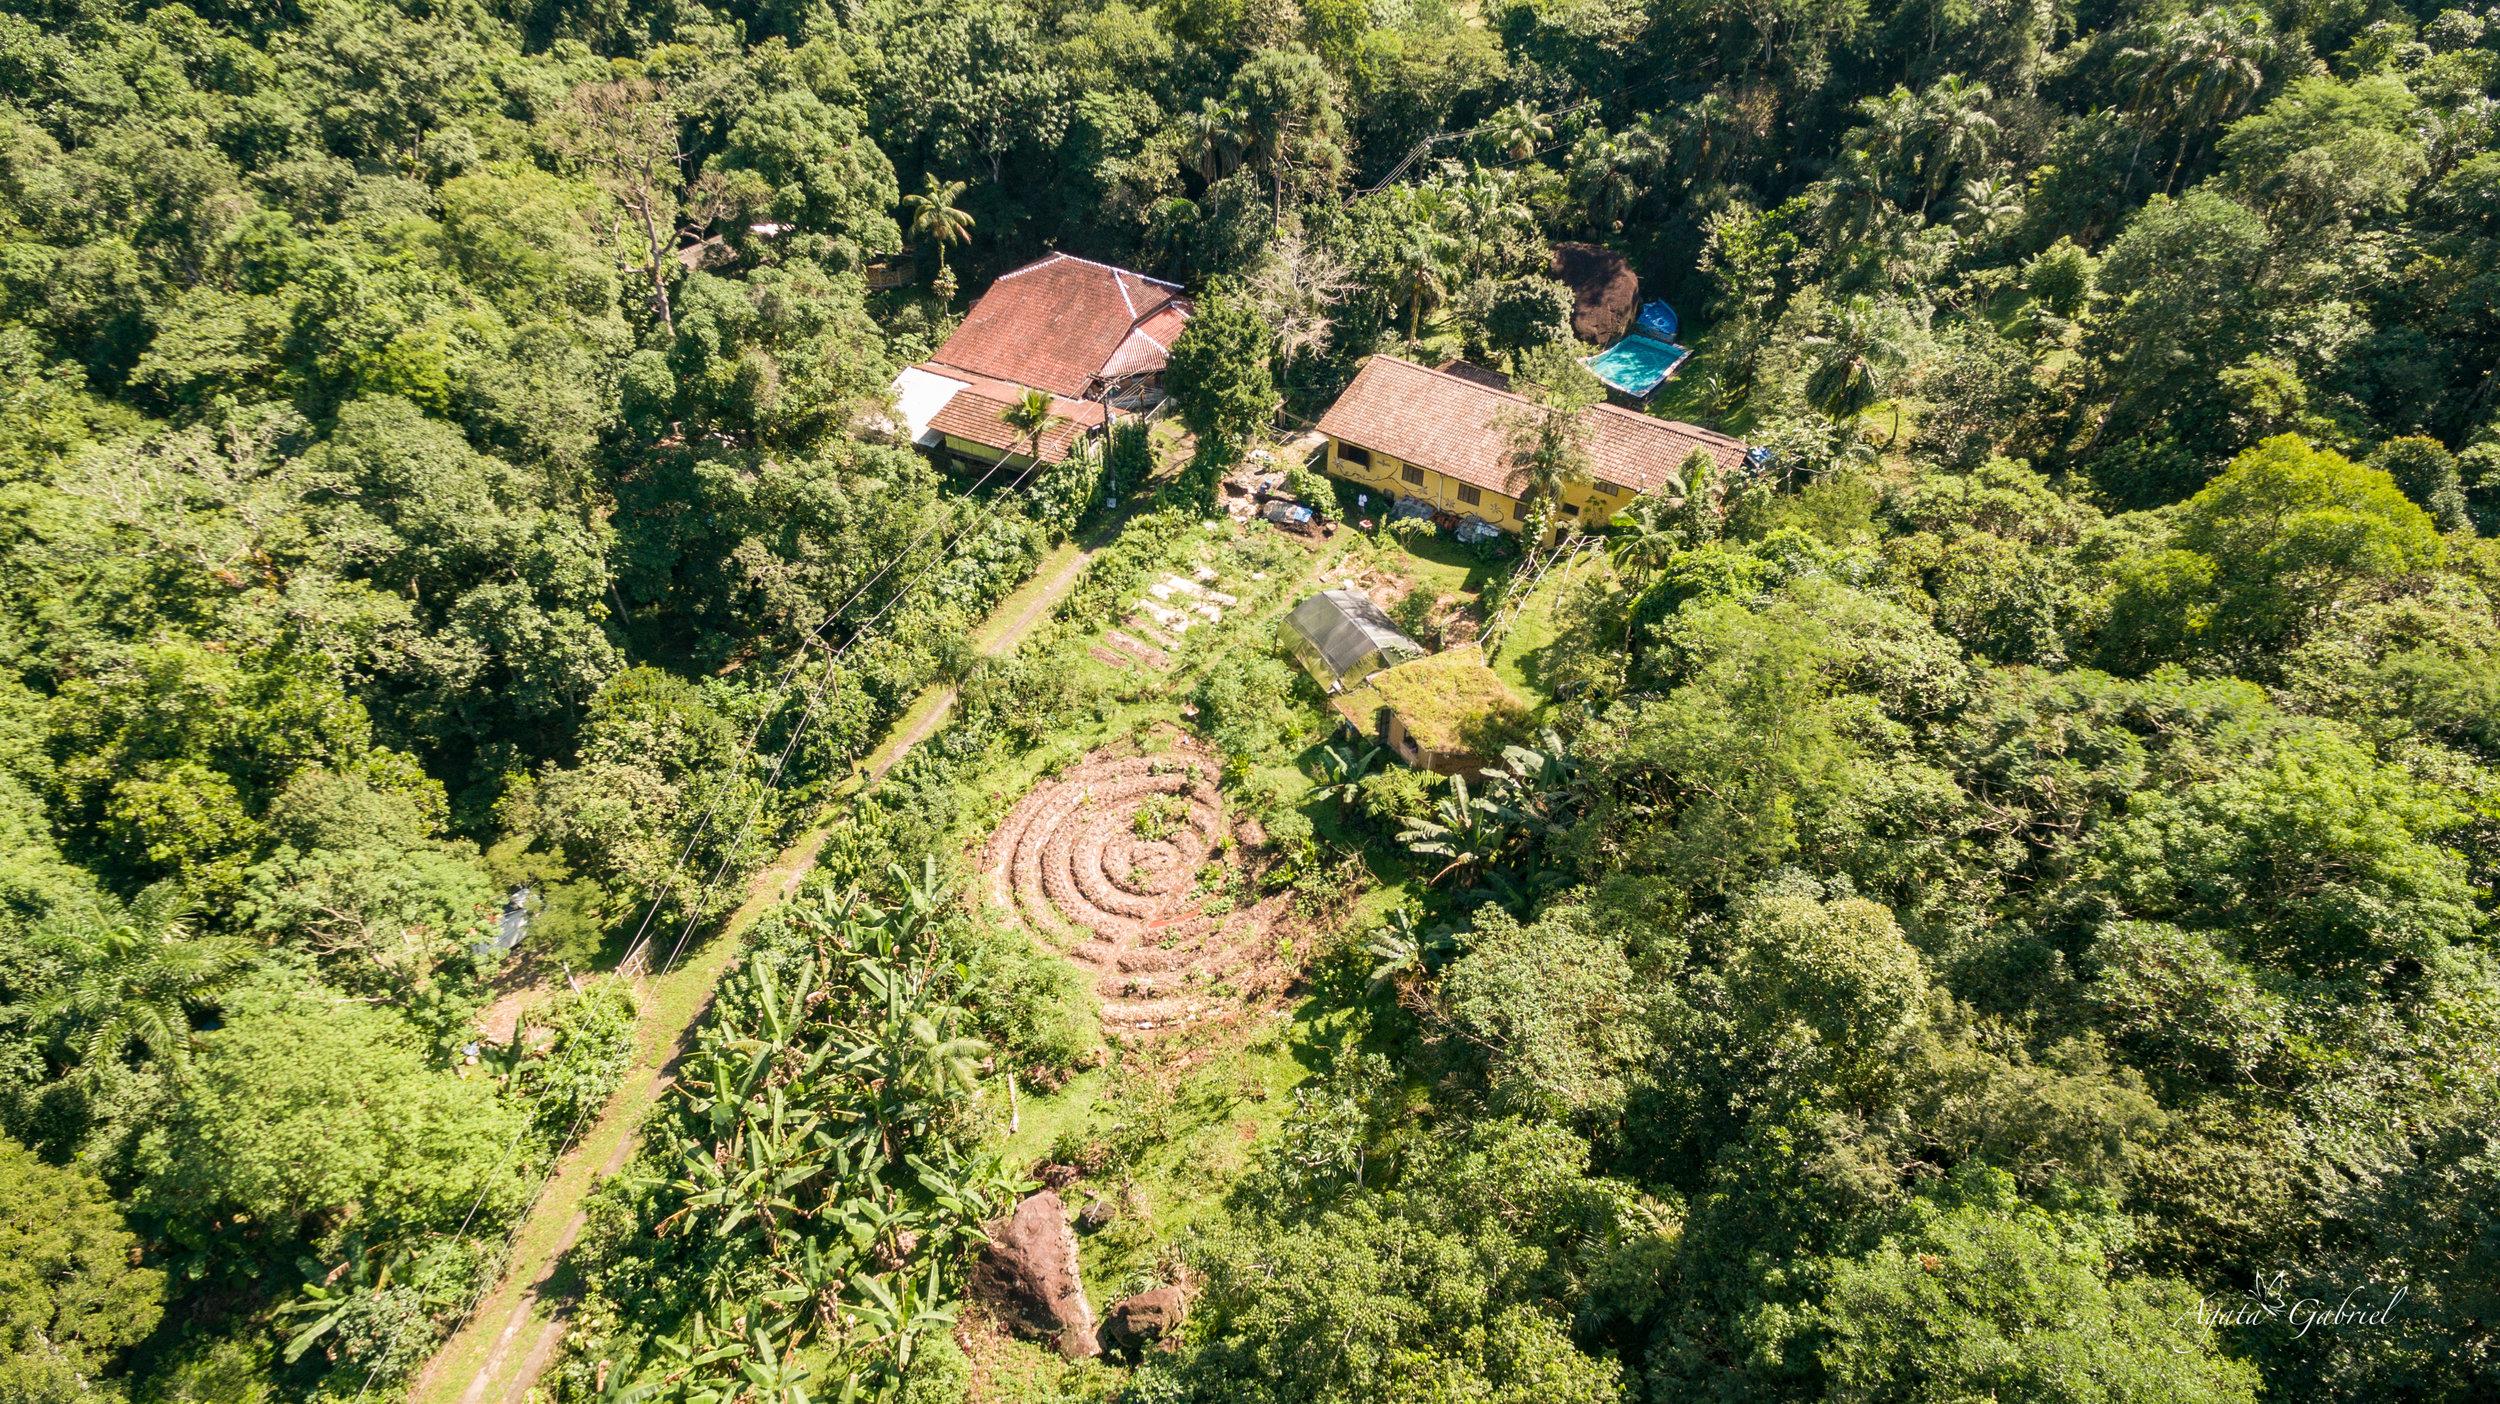 Imagine viver e cultivar sua própria comida nesta Eco Village, no meio da Mata Atlântica do Brasil